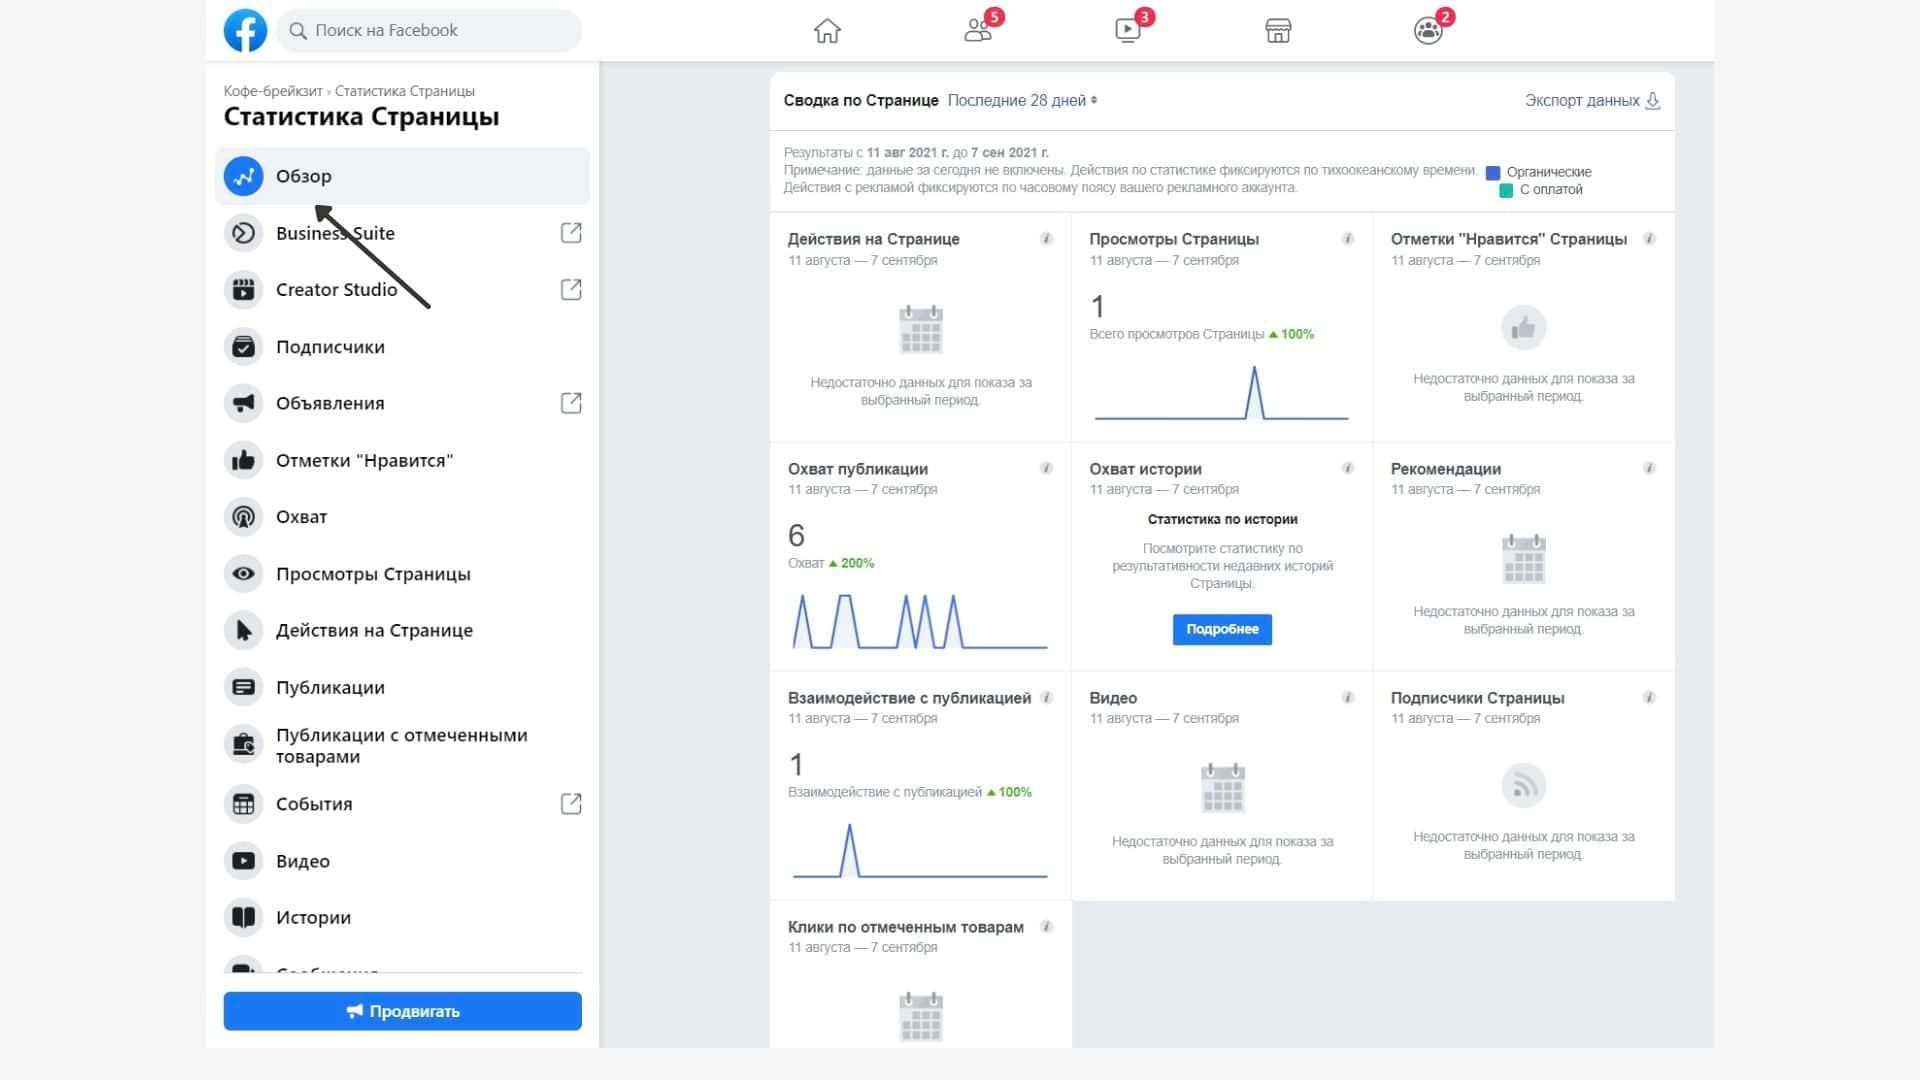 Обзорная статистика страницы в Фейсбуке